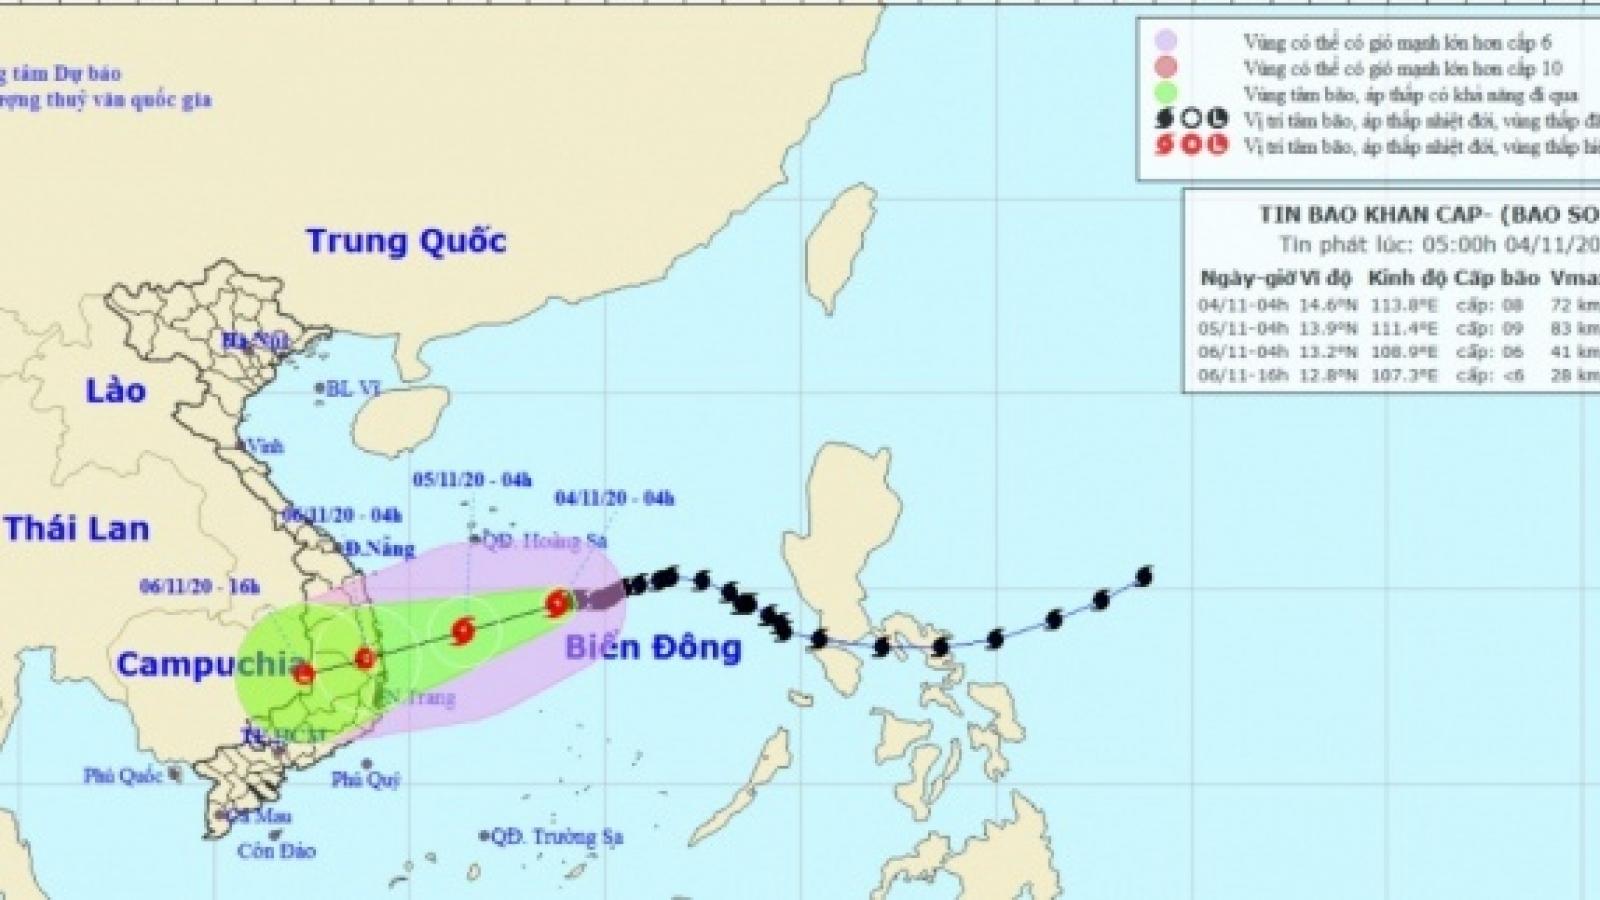 Bão số 10 cách Hoàng Sa khoảng 300km, hướng vào Quảng Ngãi - Khánh Hòa